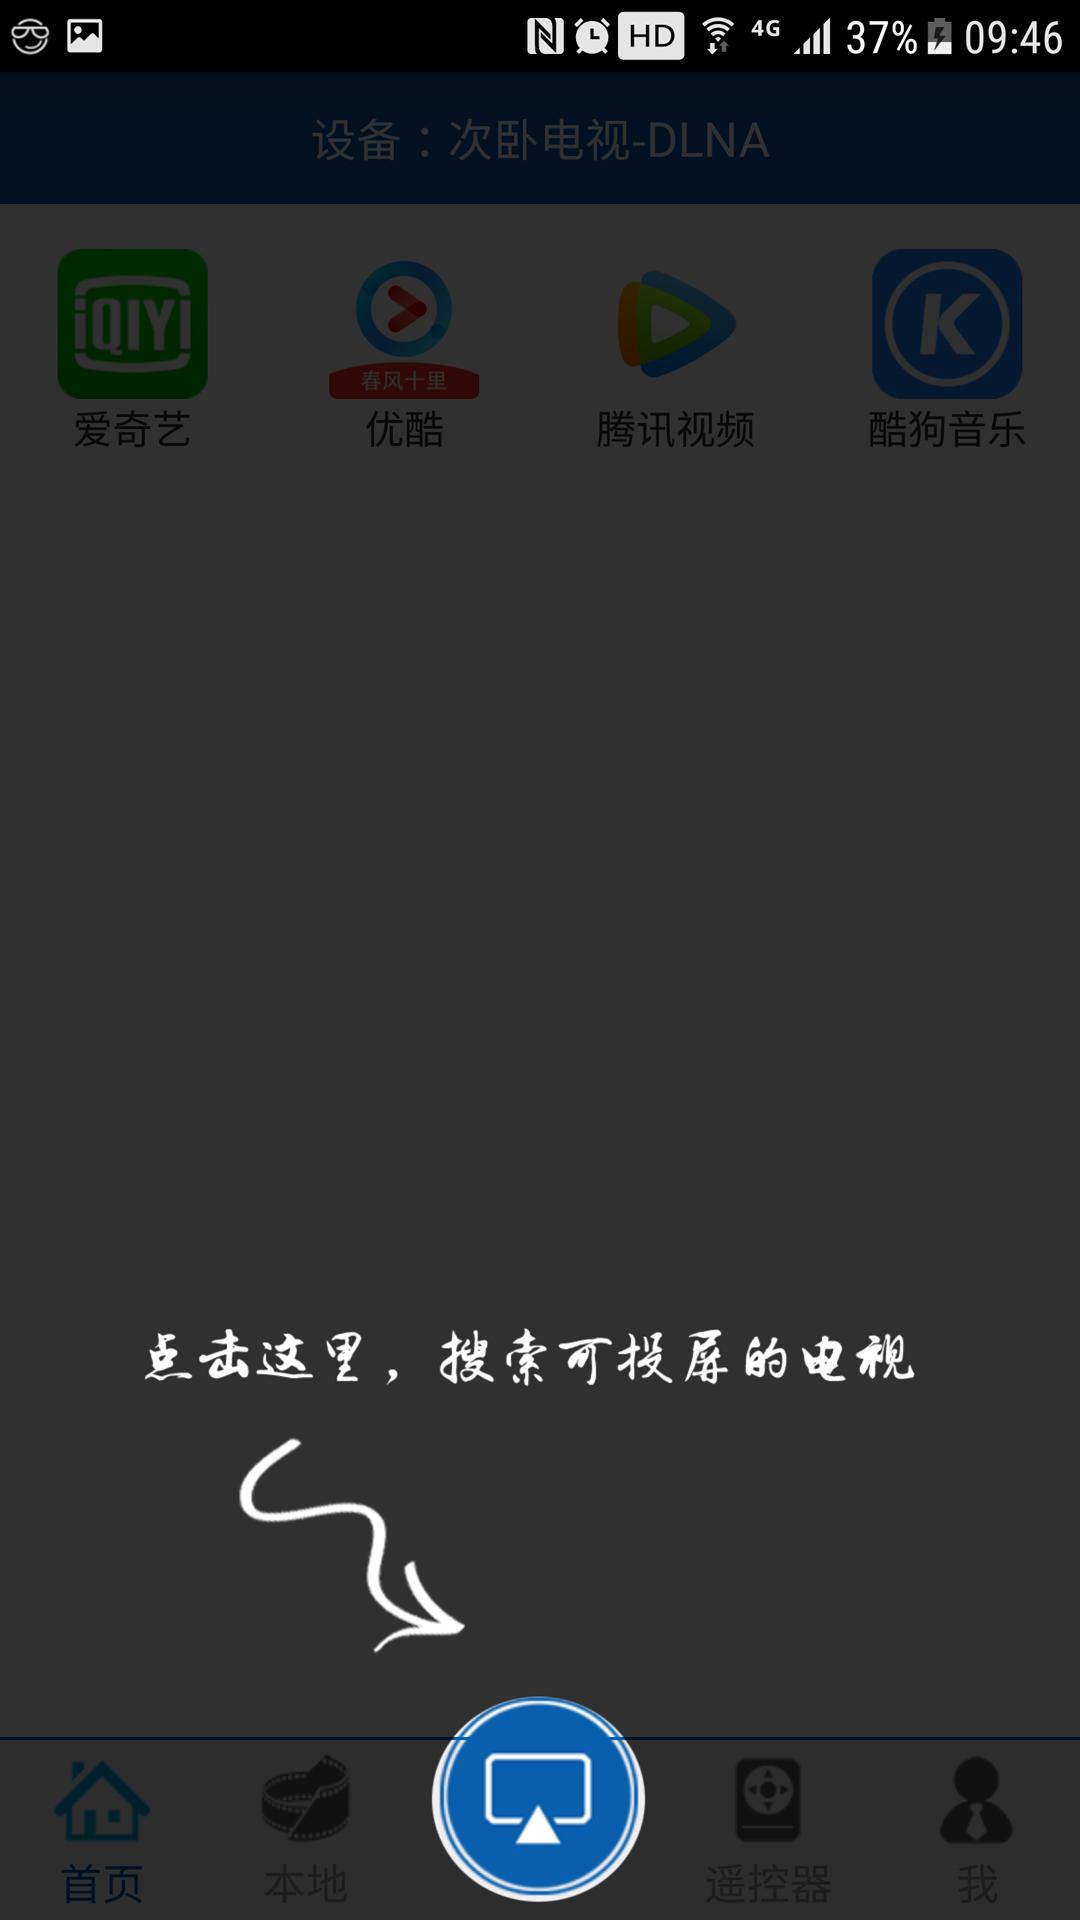 爱投屏V2.2.7 安卓版